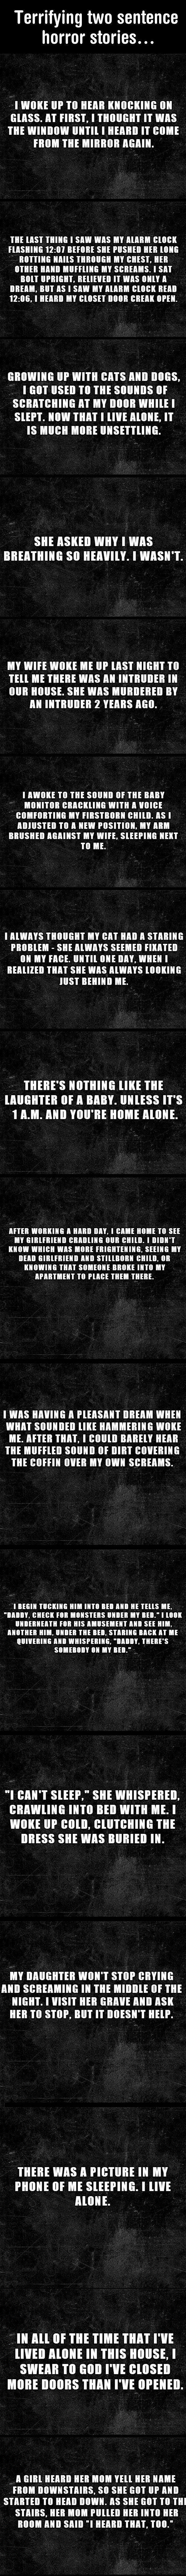 Short terror stories